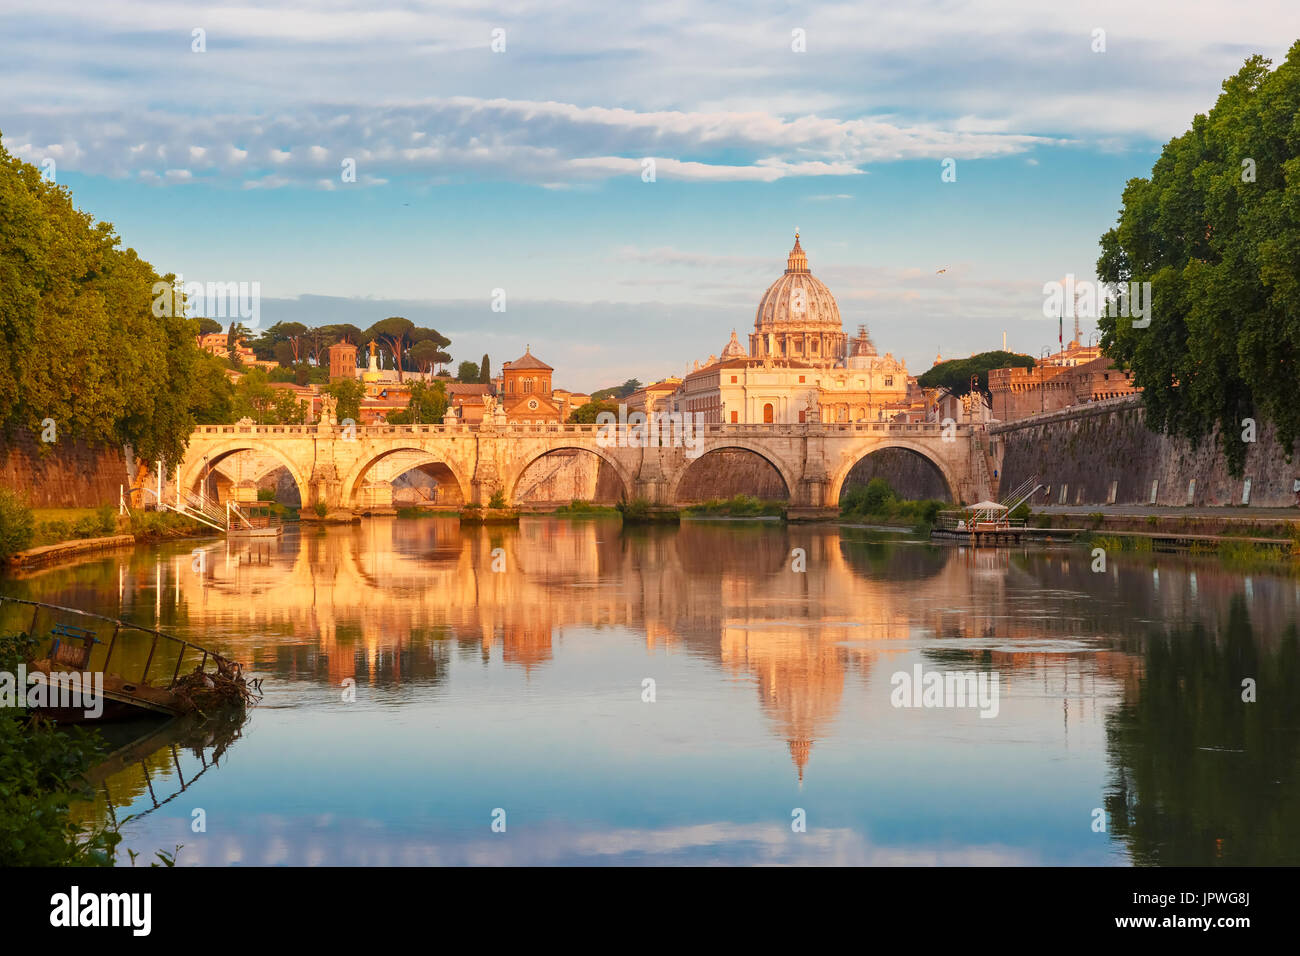 Cathédrale Saint Pierre le matin, Rome, Italie. Photo Stock